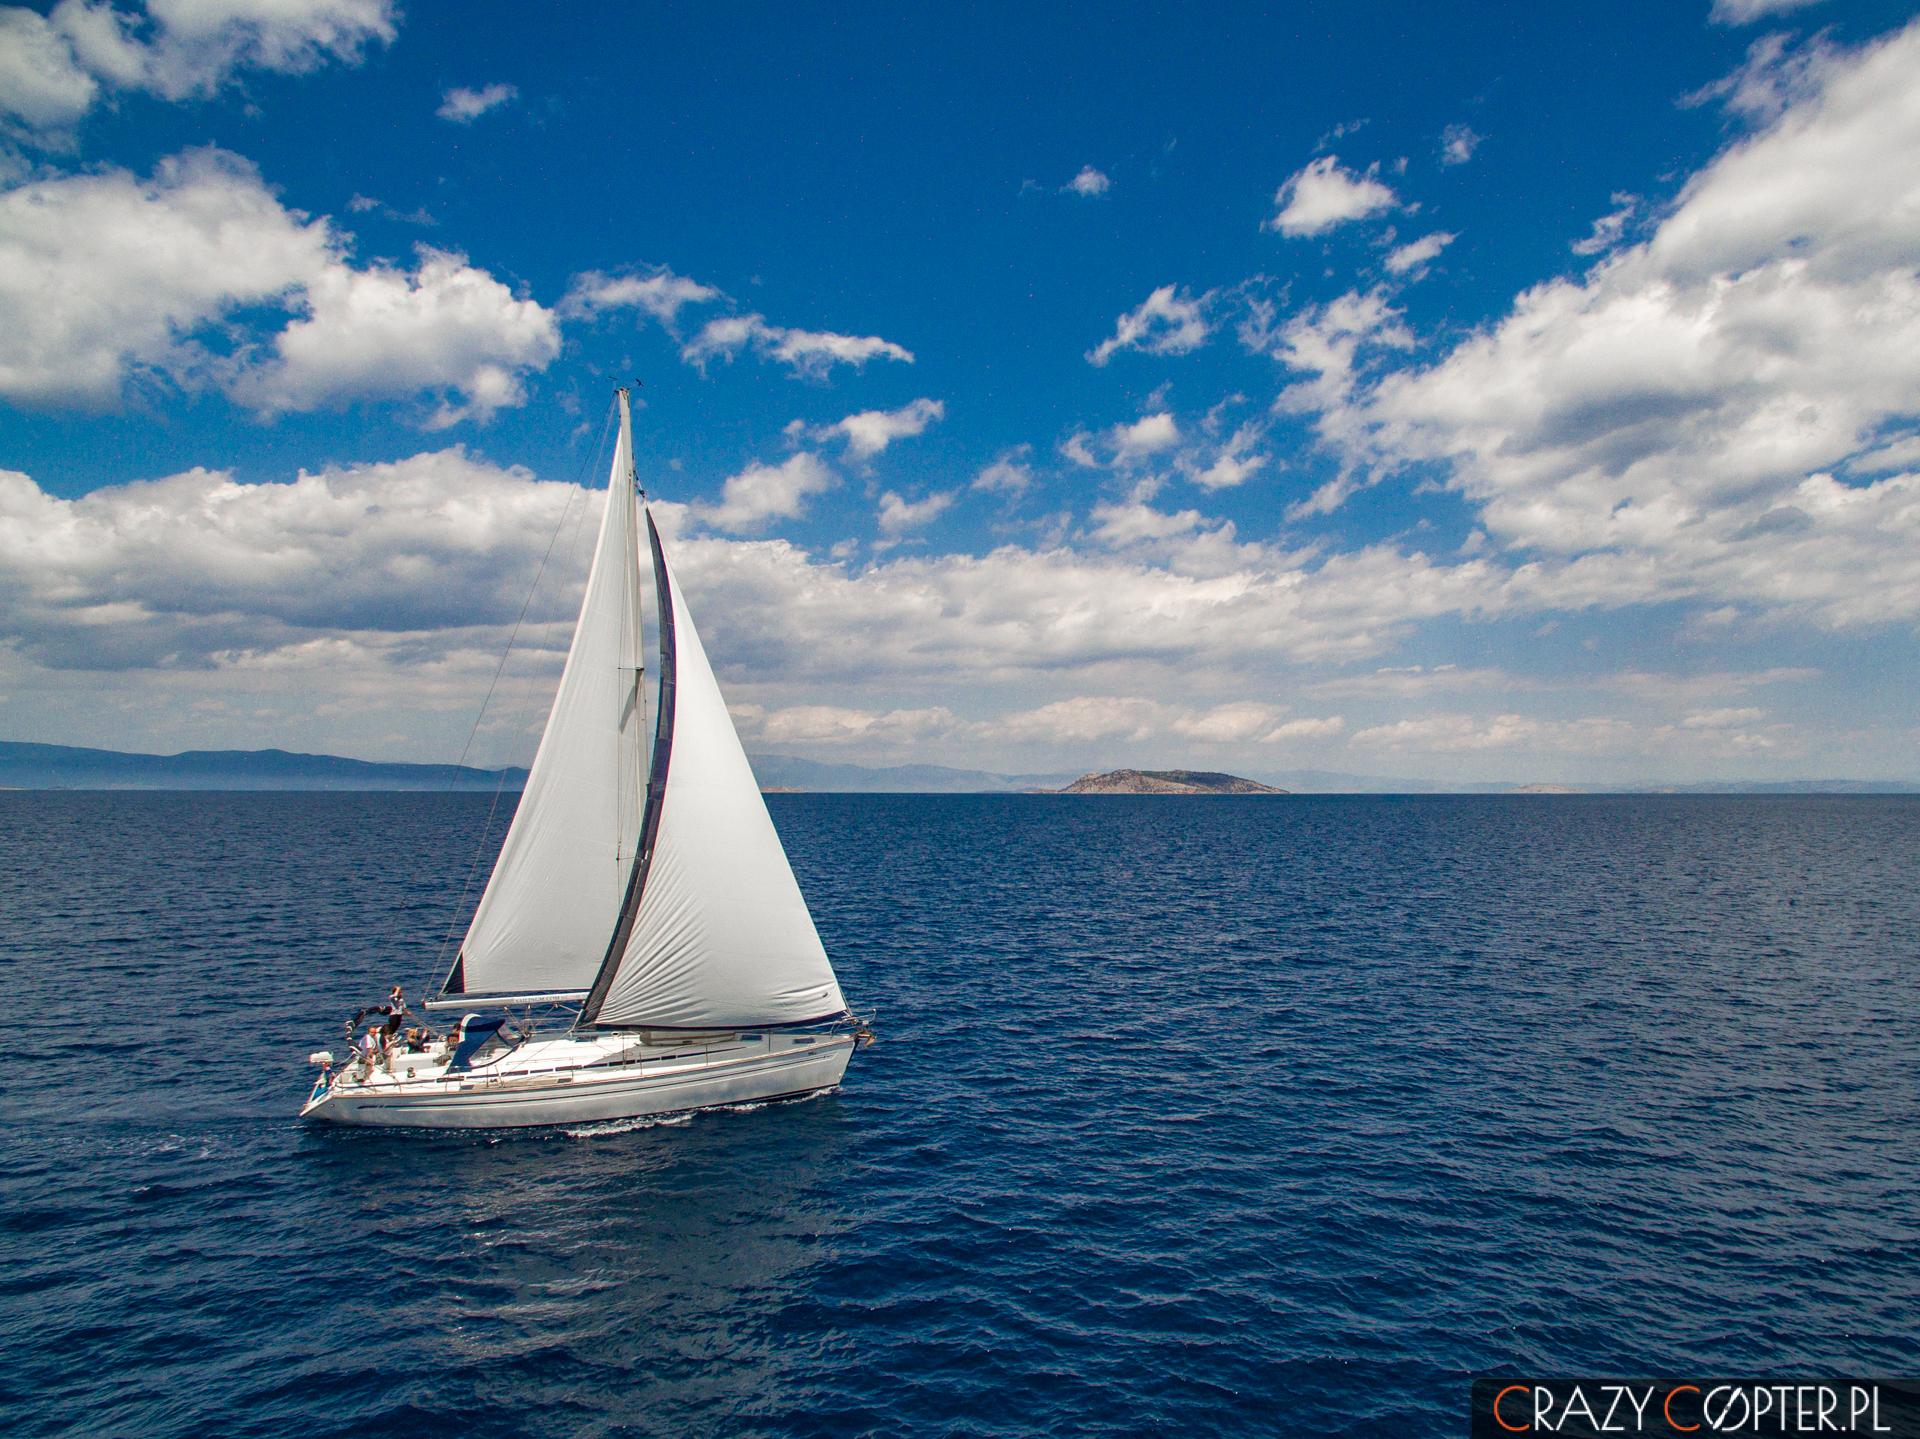 Zdjęcia zdrona - jacht podżaglami napełnym morzu